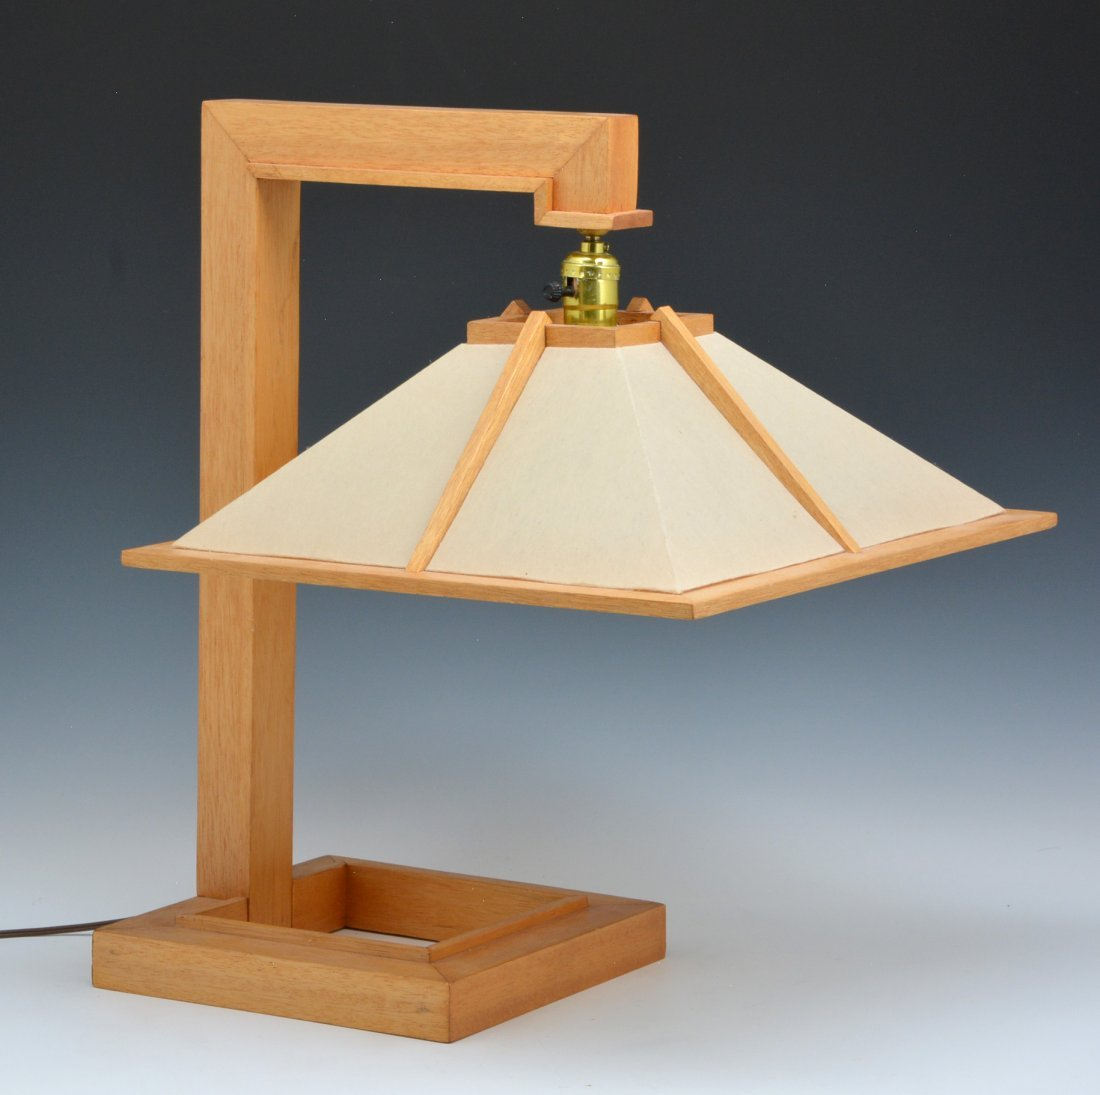 Frank Lloyd Wright Taliesin Table Lamp, mahogany